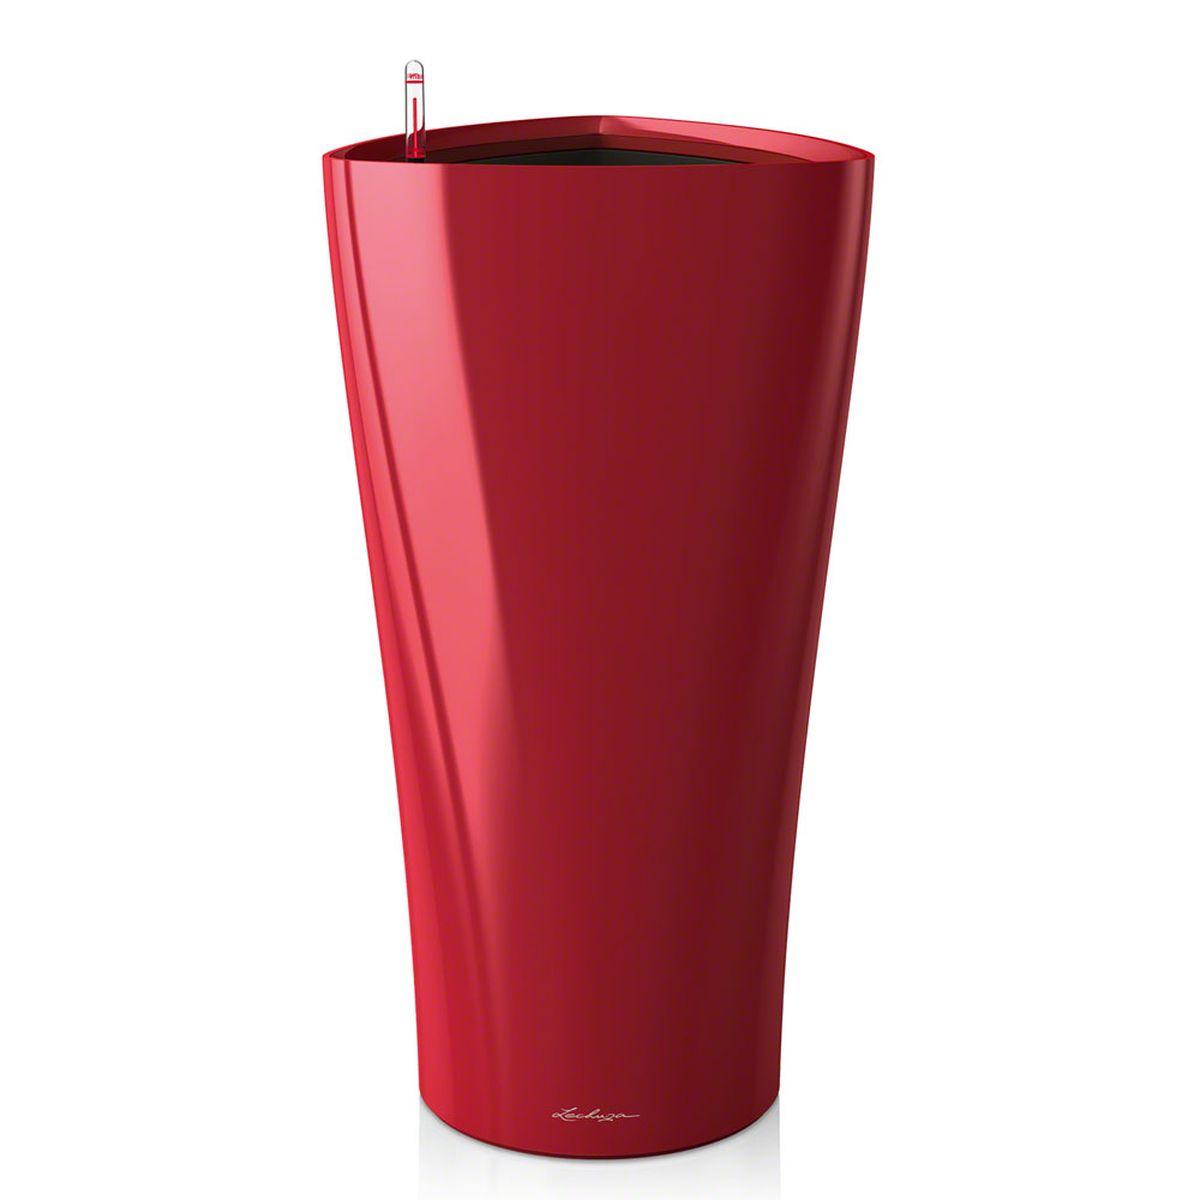 Кашпо с автополивом Lechuza Delta 30х56 см, красноеZ-0307LECHUZA DELTA объединяет технологии и дизайн: спрятанная в кашпо плавной, органичной формы, система автополива LECHUZA, надежно обеспечивает Ваши растения водой.Особые преимущества:- Сменный внутренний горшок с системой автополива- Высокое, узкое кашпо в виде колонны- Устойчиво и стабильно